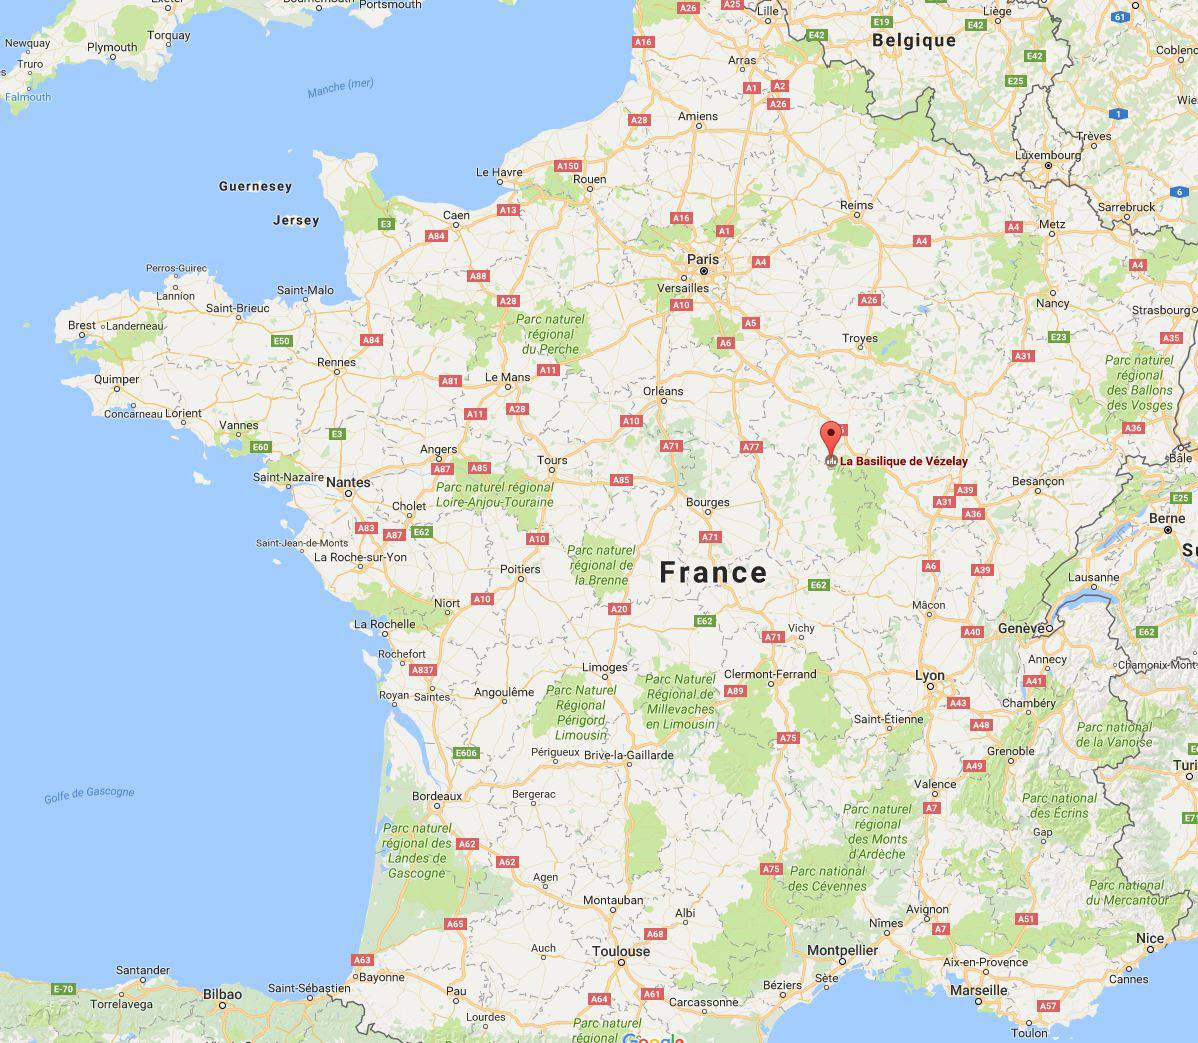 Où se trouve la Basilique de Vézelay en France ?